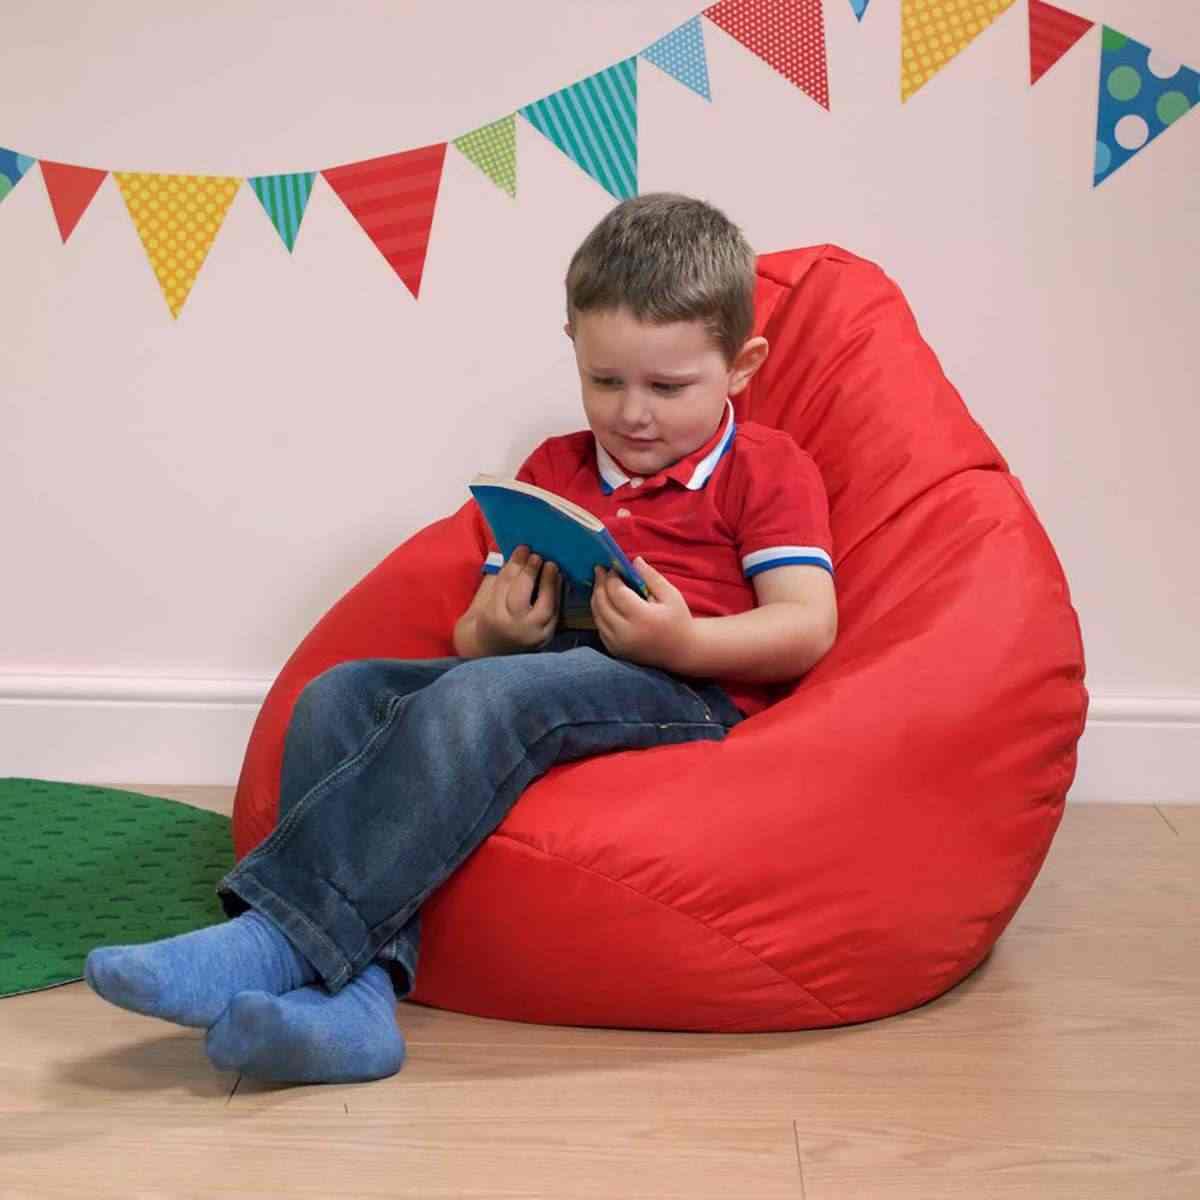 Детское Кресло-мешок чехлы на диванное кресло диван для отдыха османское сиденье мебель для гостиной без наполнителя Beanbag кровать Pouf слоеный диван татами